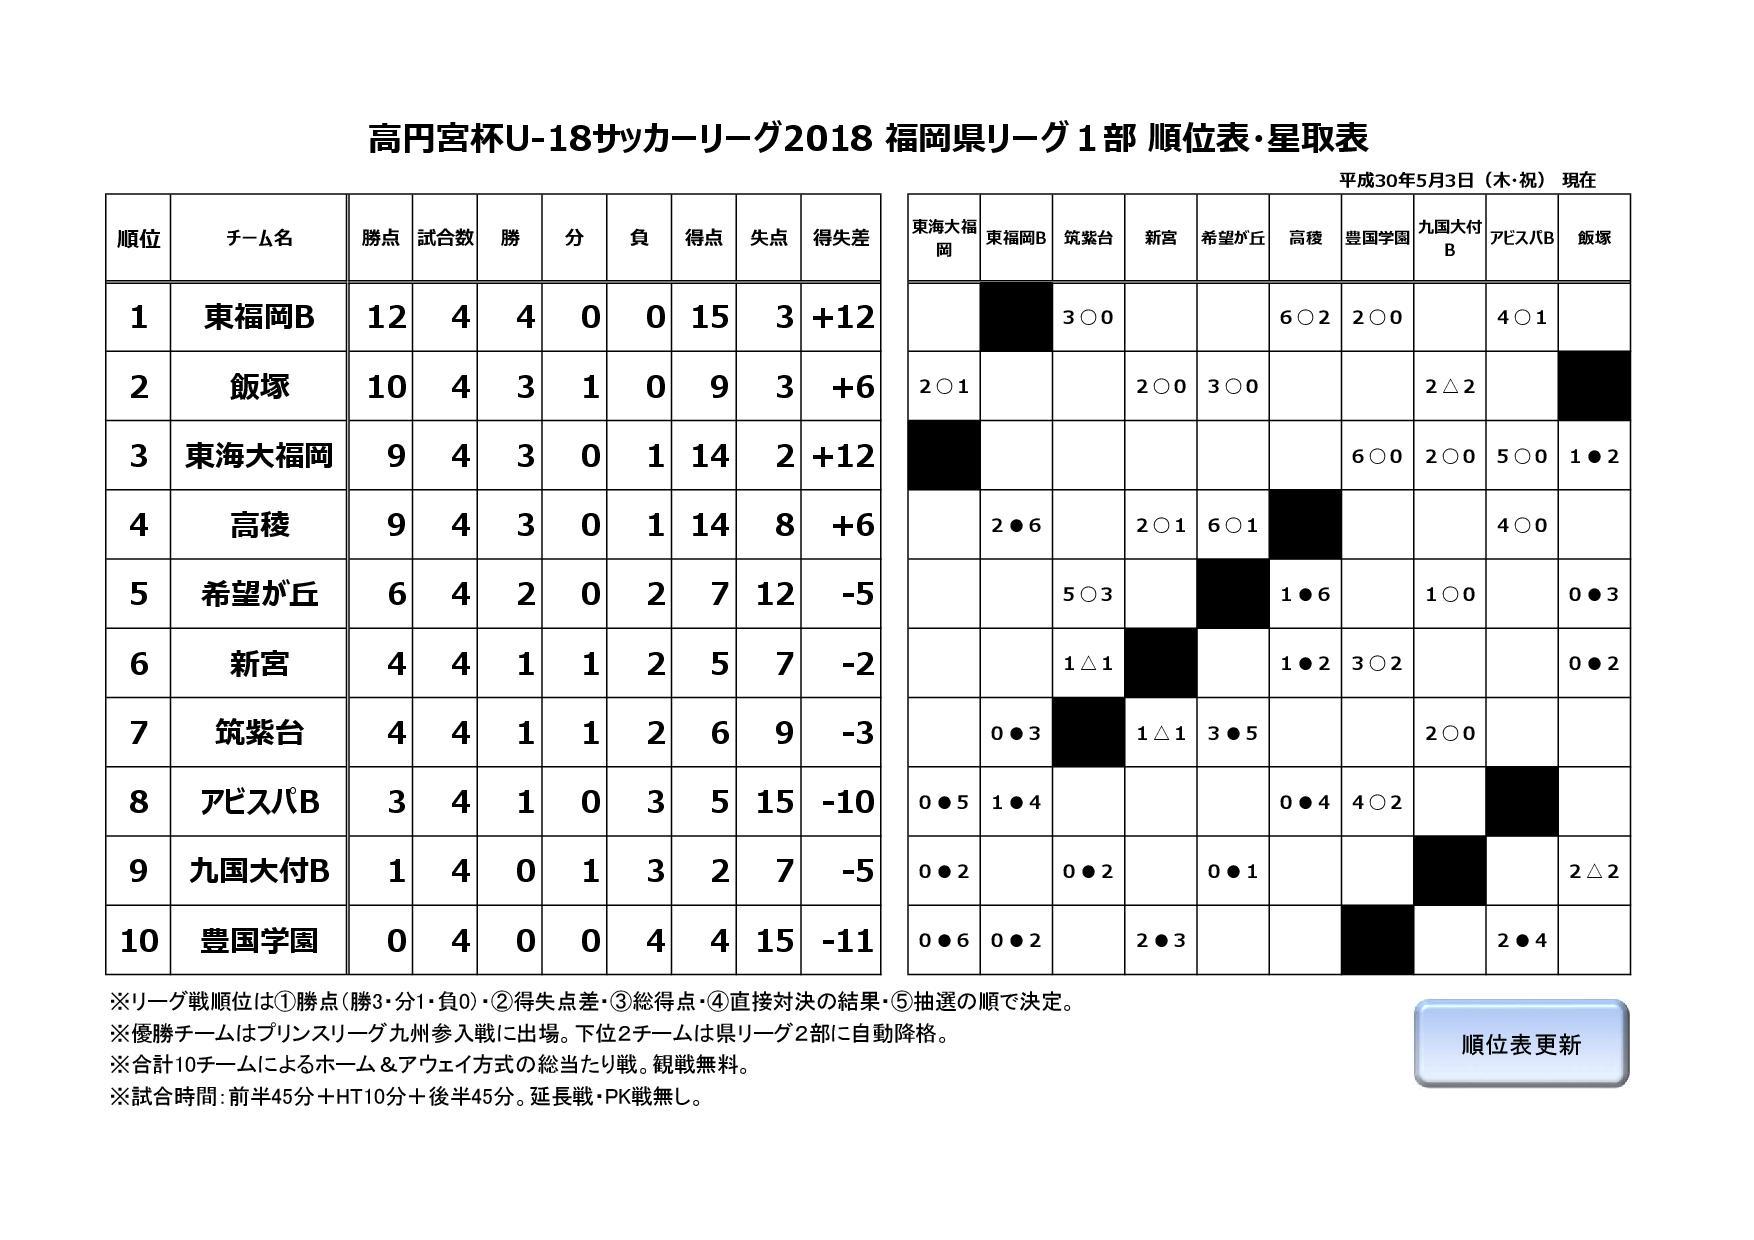 2018年度福岡県ユースサッカーリーグ1部